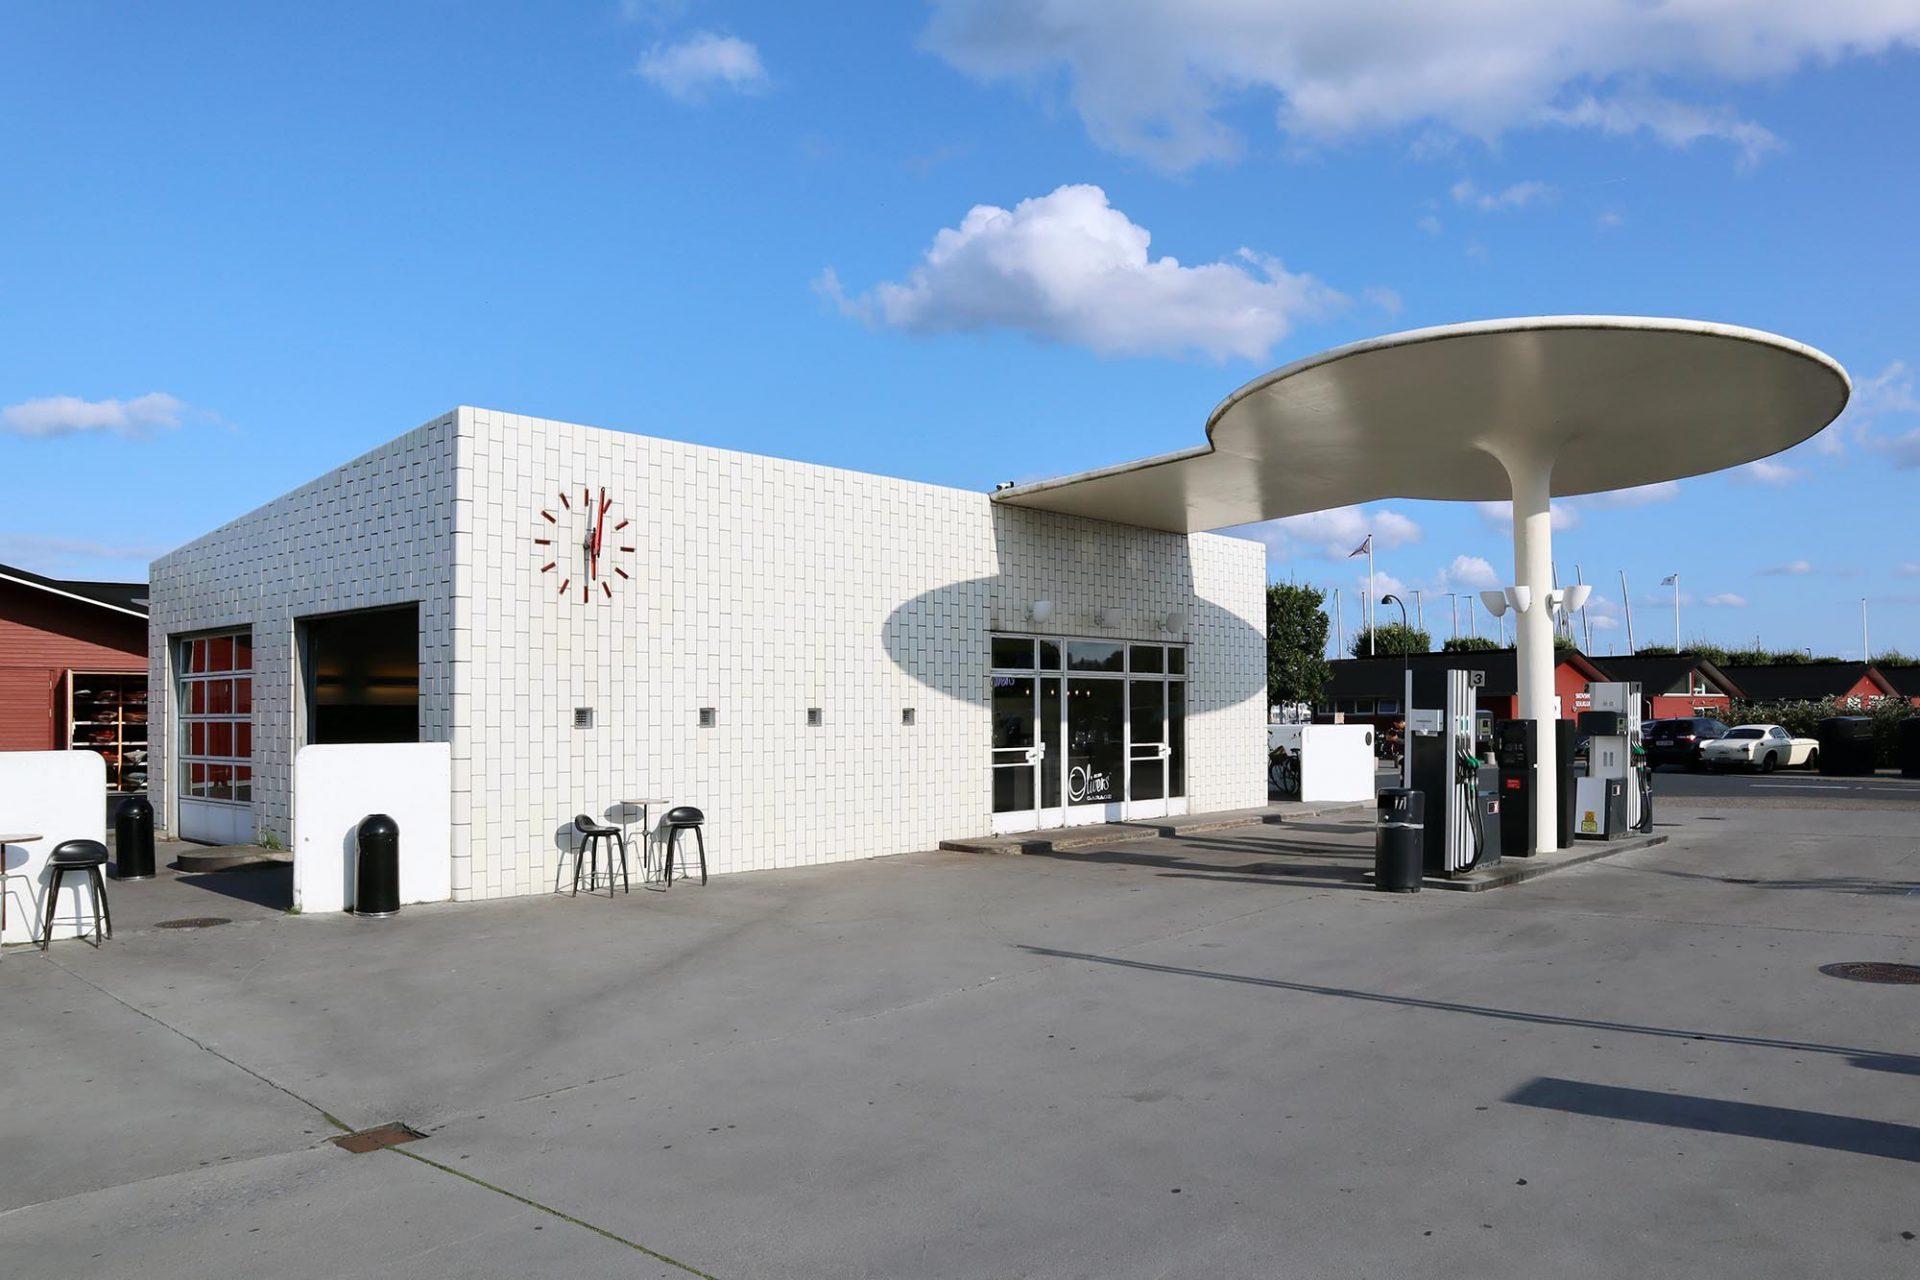 Tankstelle Skovshoved. Entwurf: Arne Jacobsen. Fertigstellung: 1937. Von den ursprünglich zwei geplanten Tankstellen, Texaco und Tempo, wurde nur Erstere realisiert. Der eingeschossige Bau ist viereckig und mit weißen Fliesen verkleidet. An der Nordseite befinden sich zwei Garagentore für die Zufahrt in die Werkstatt. Nur die Westseite hat Fenster und Türen, durch die der Kassenbereich betreten wird.